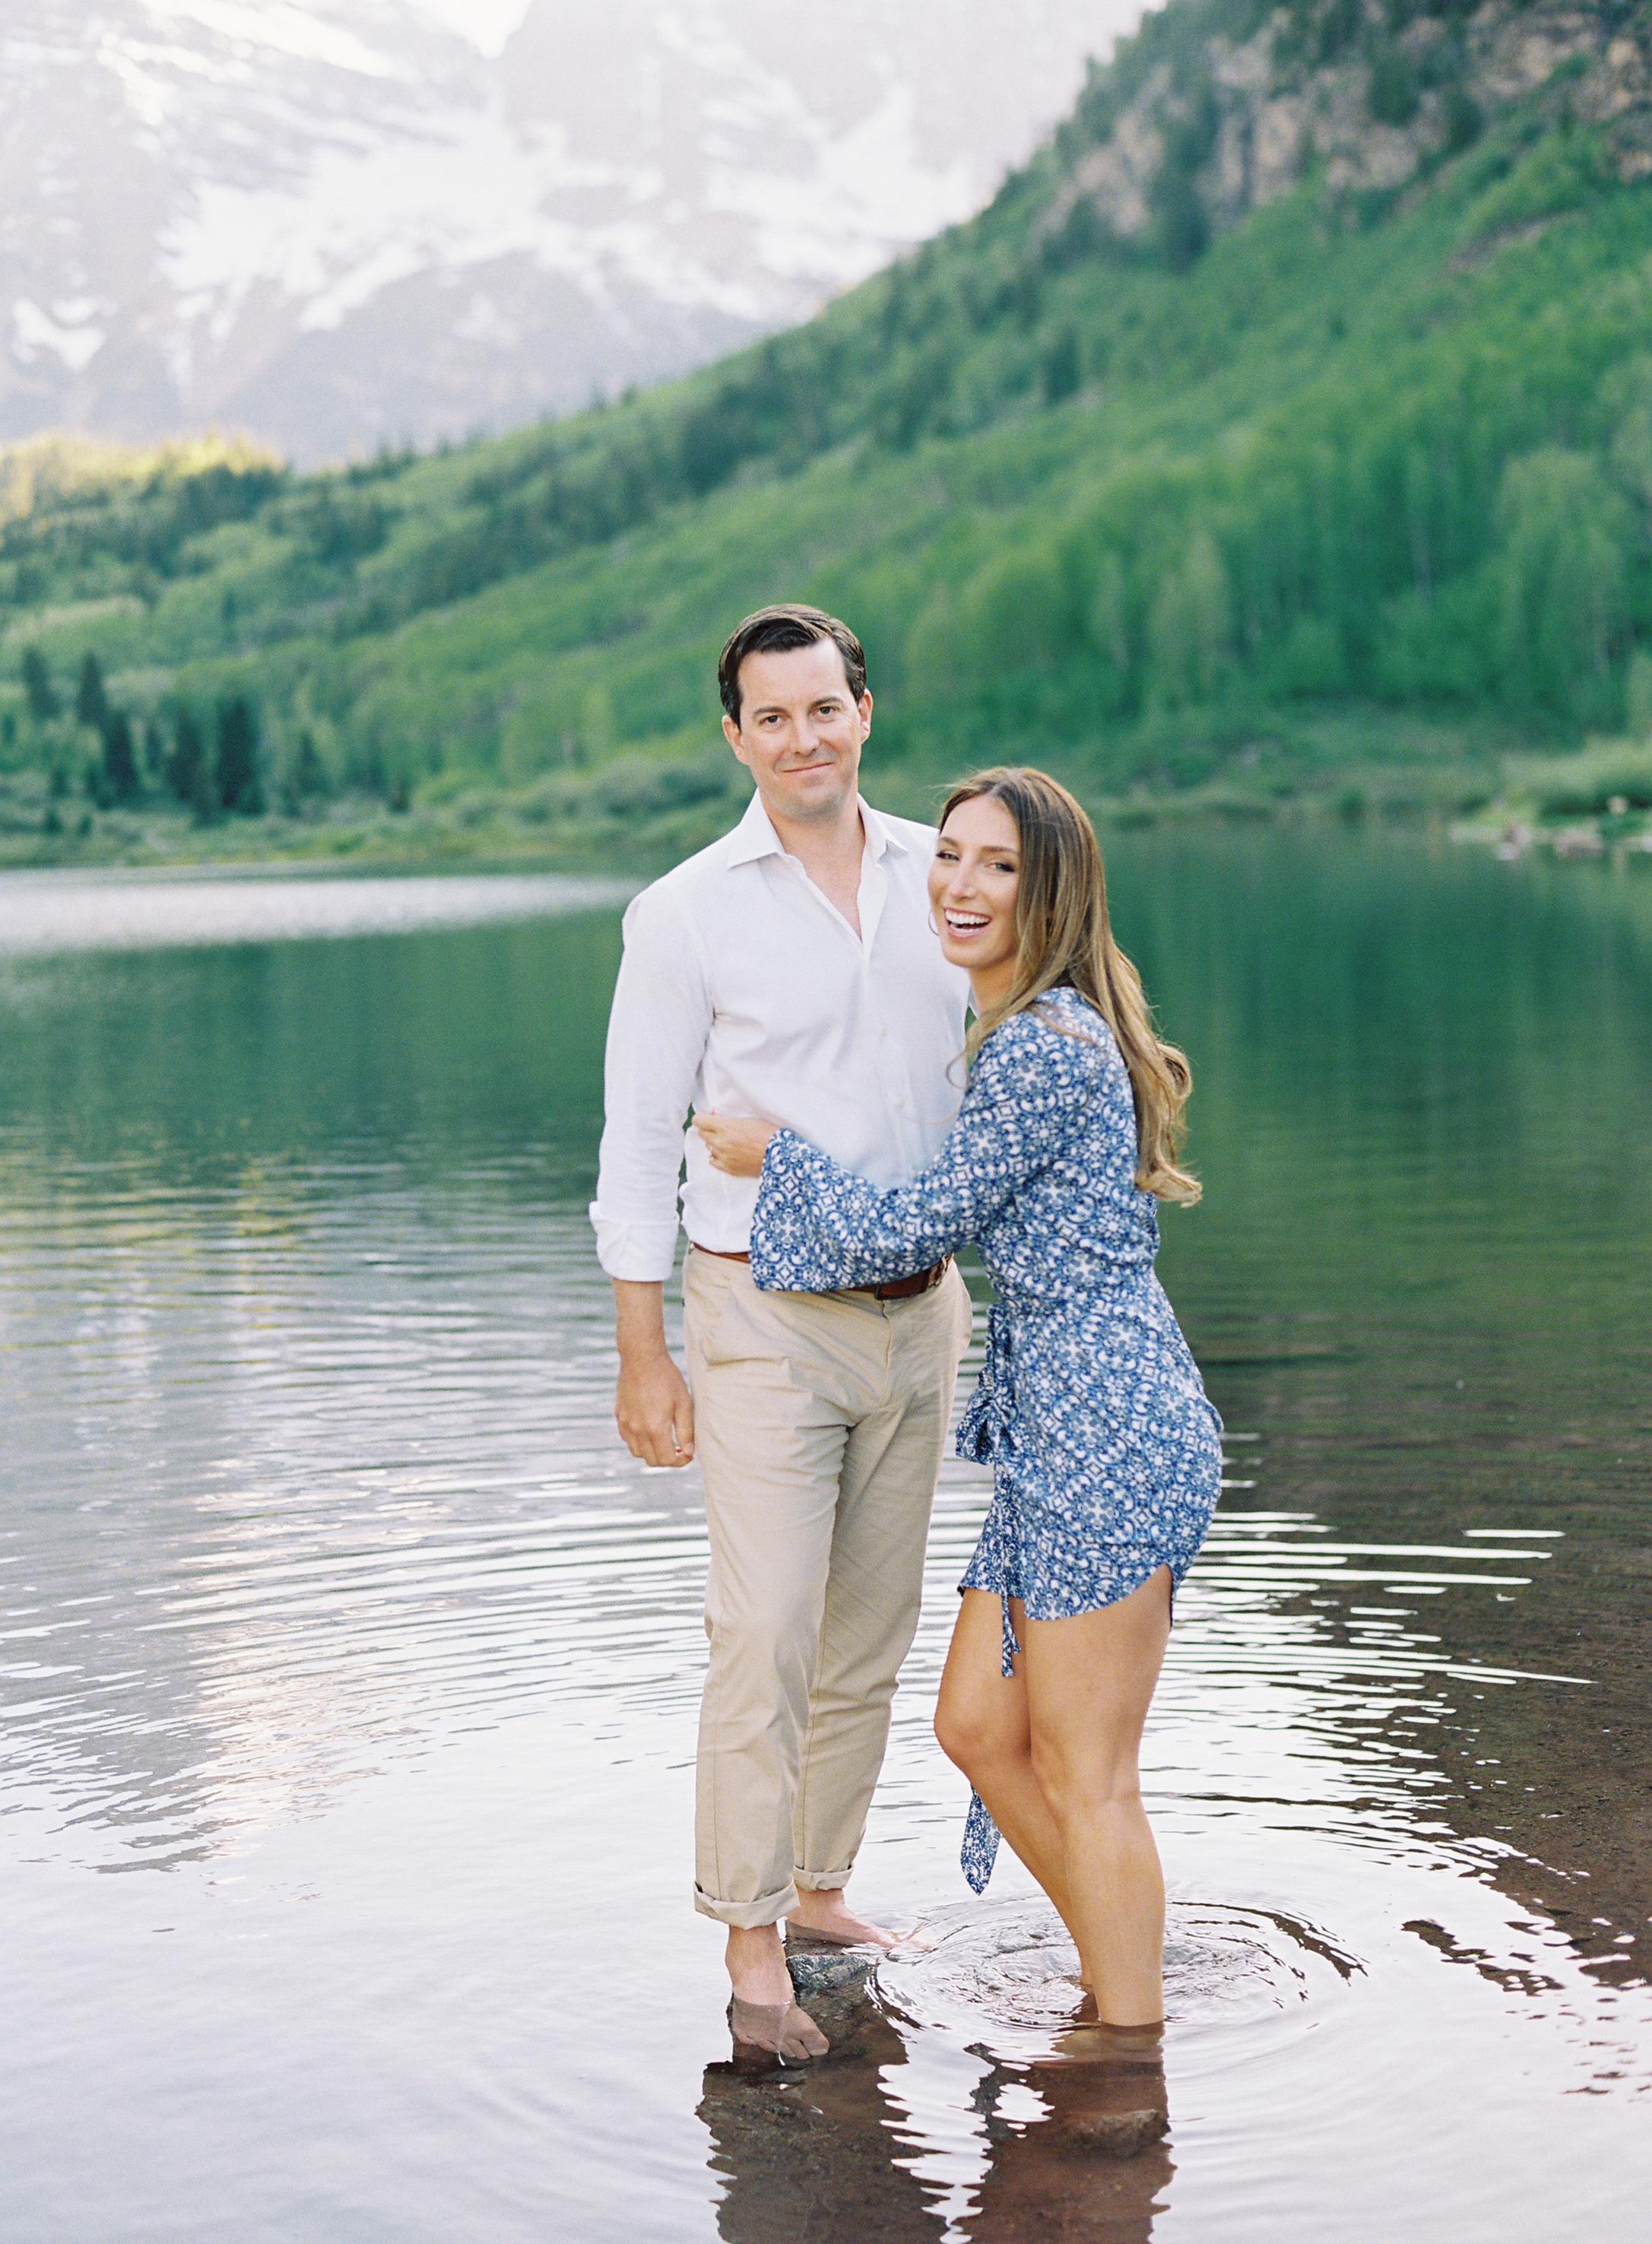 Amy and Matt-engagement-Carrie King Photographer-51.jpg